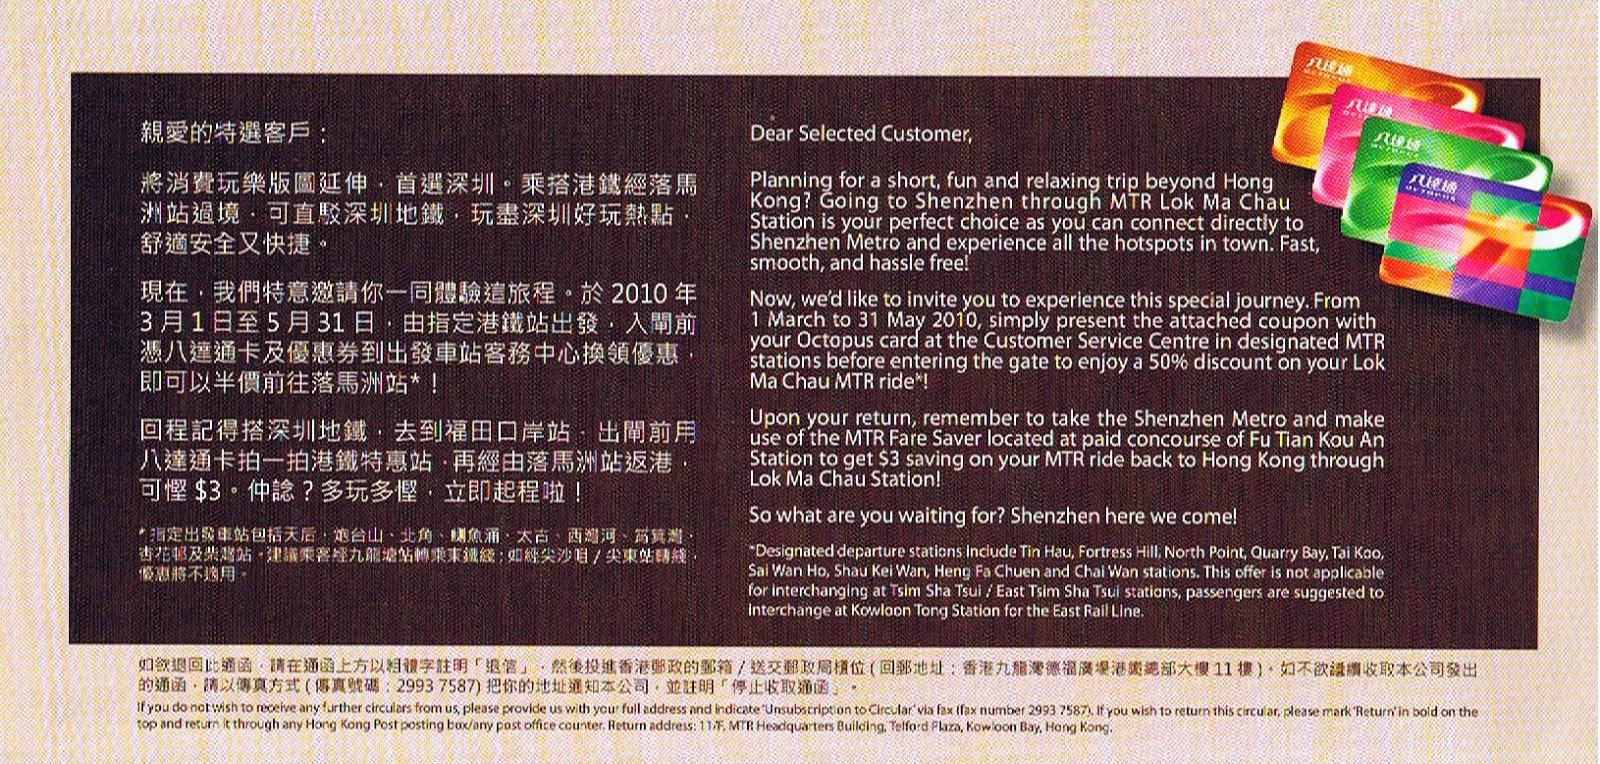 車票 Tickets : 港鐵「落馬洲半價優惠券」2010.03.01-05.31